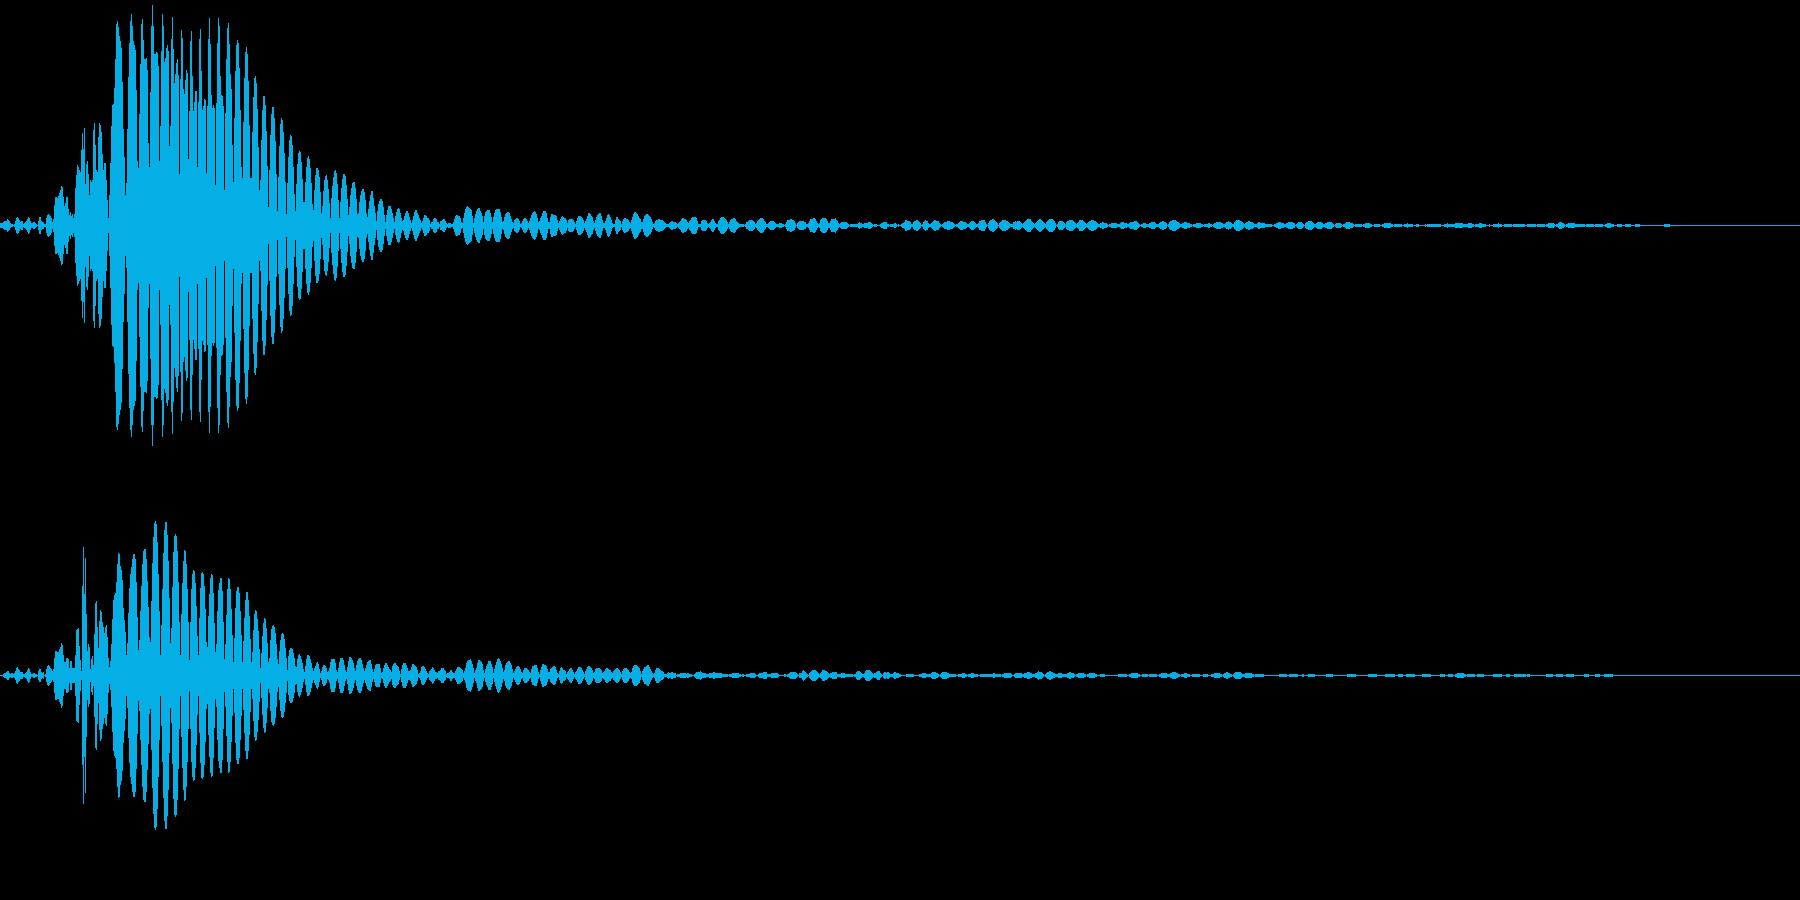 ポン(タップ・クリック音)の再生済みの波形